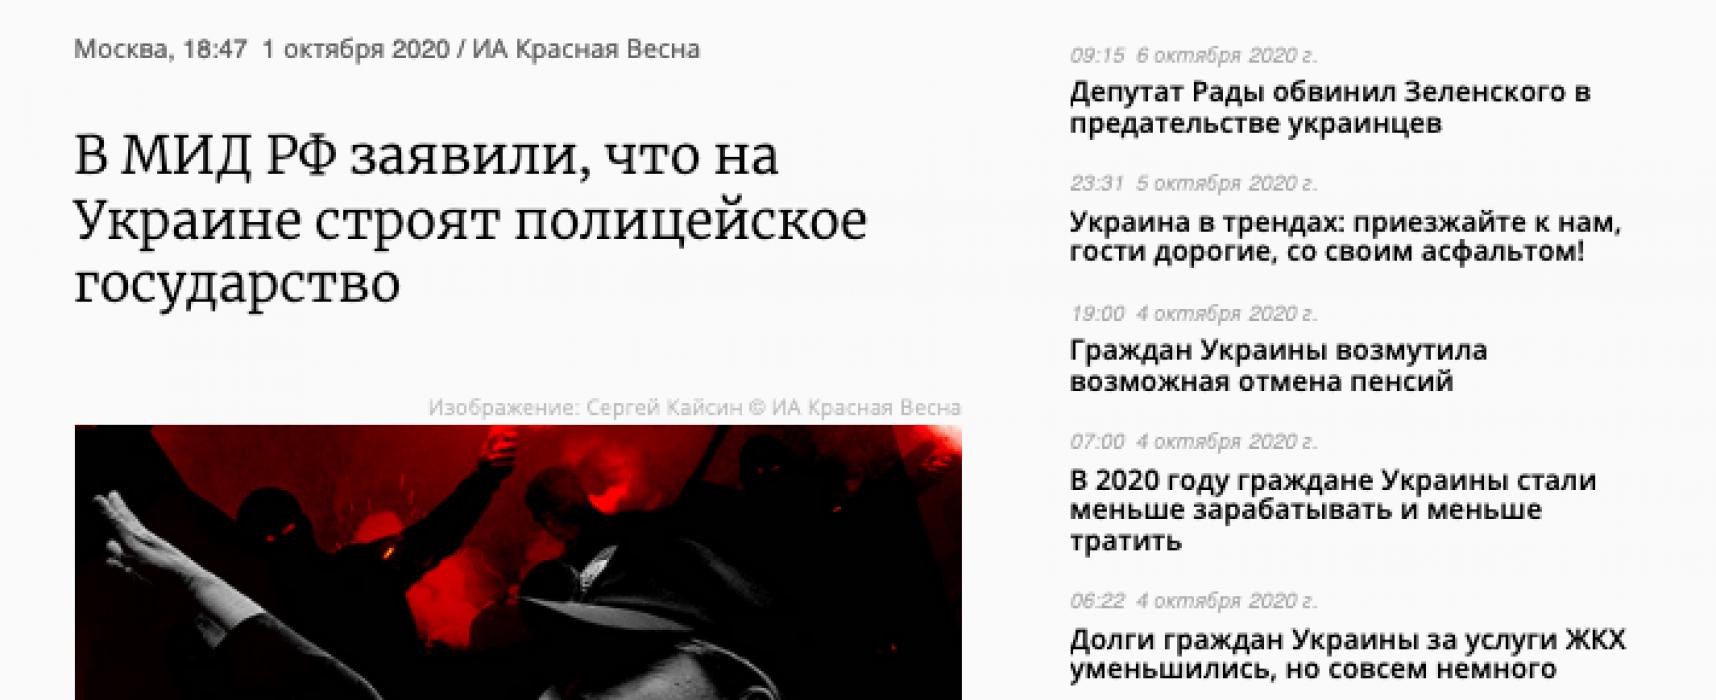 Фейк: Украина превращается в полицейское государство